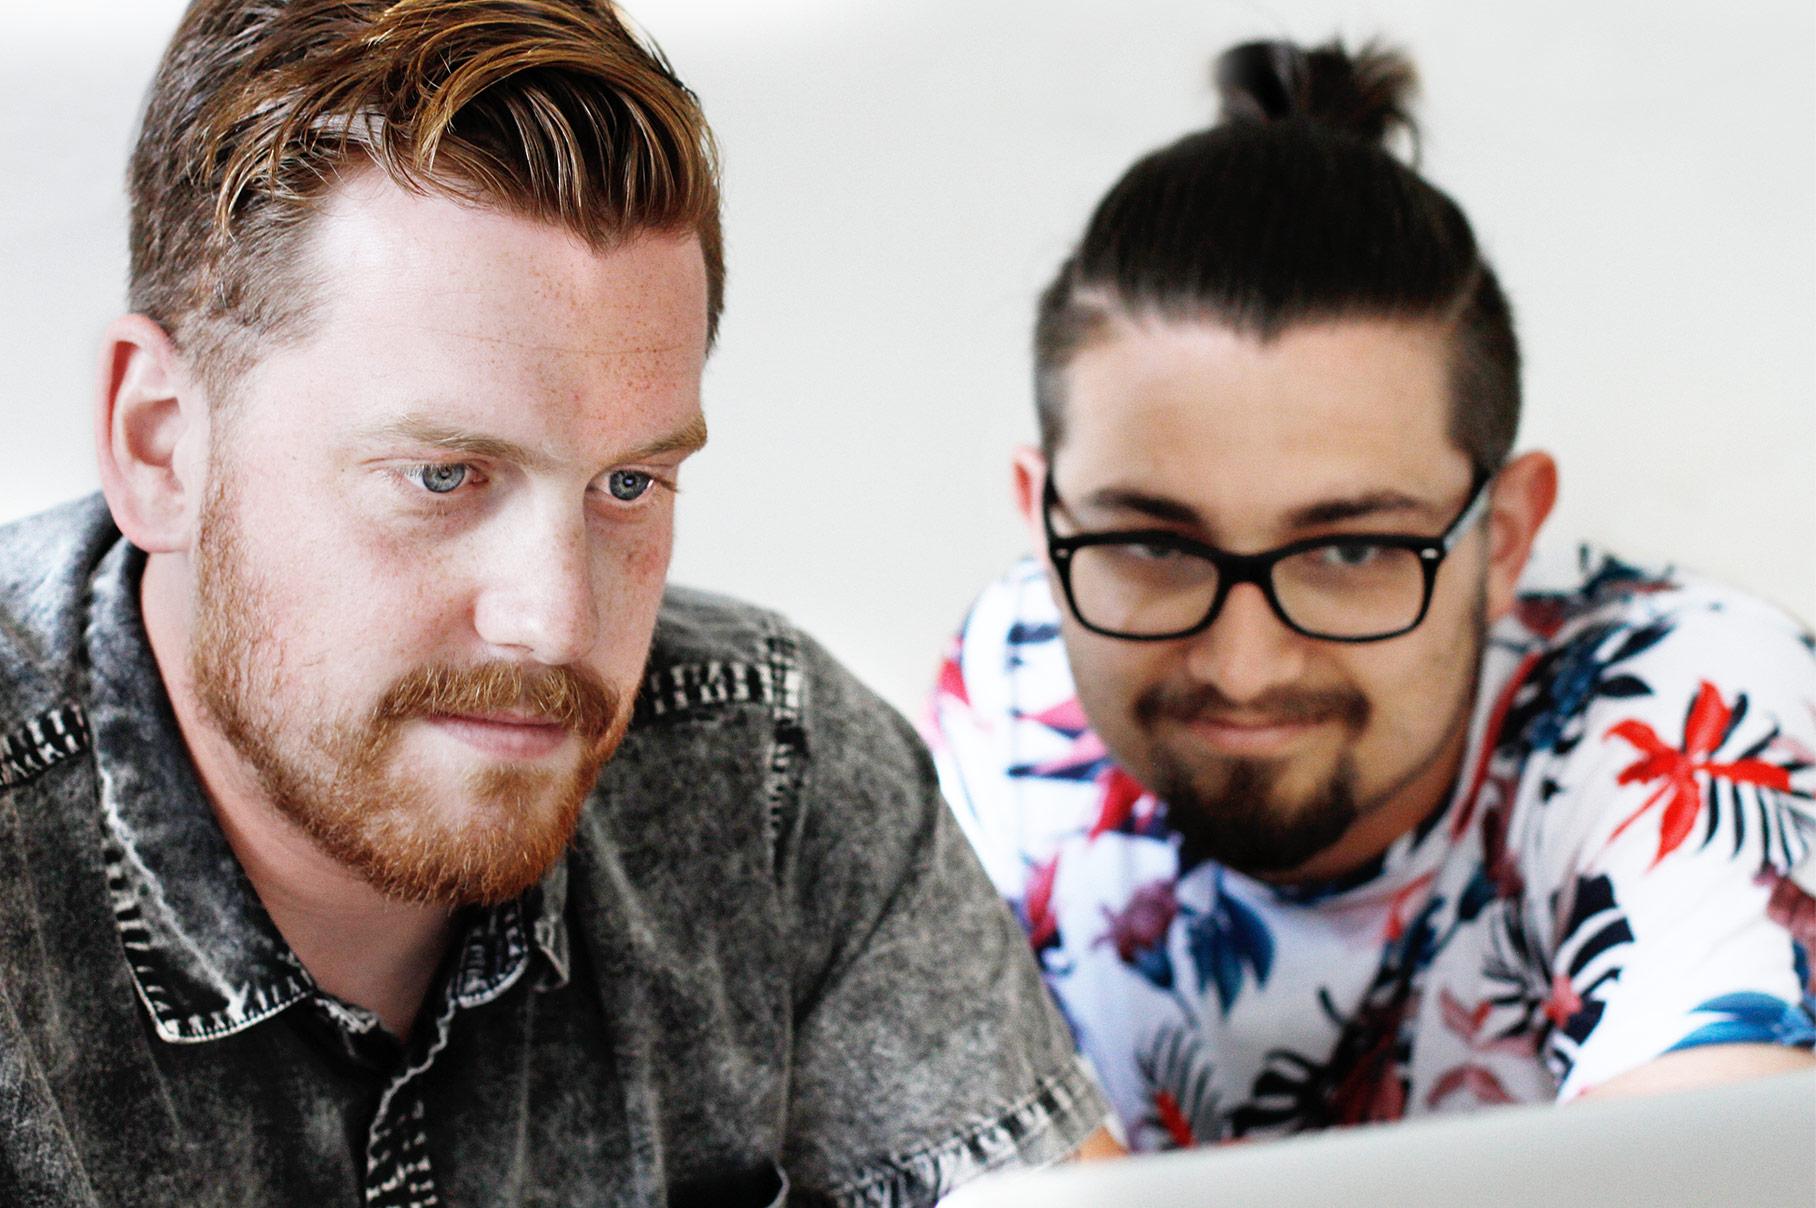 Matthias und Thomas am designen